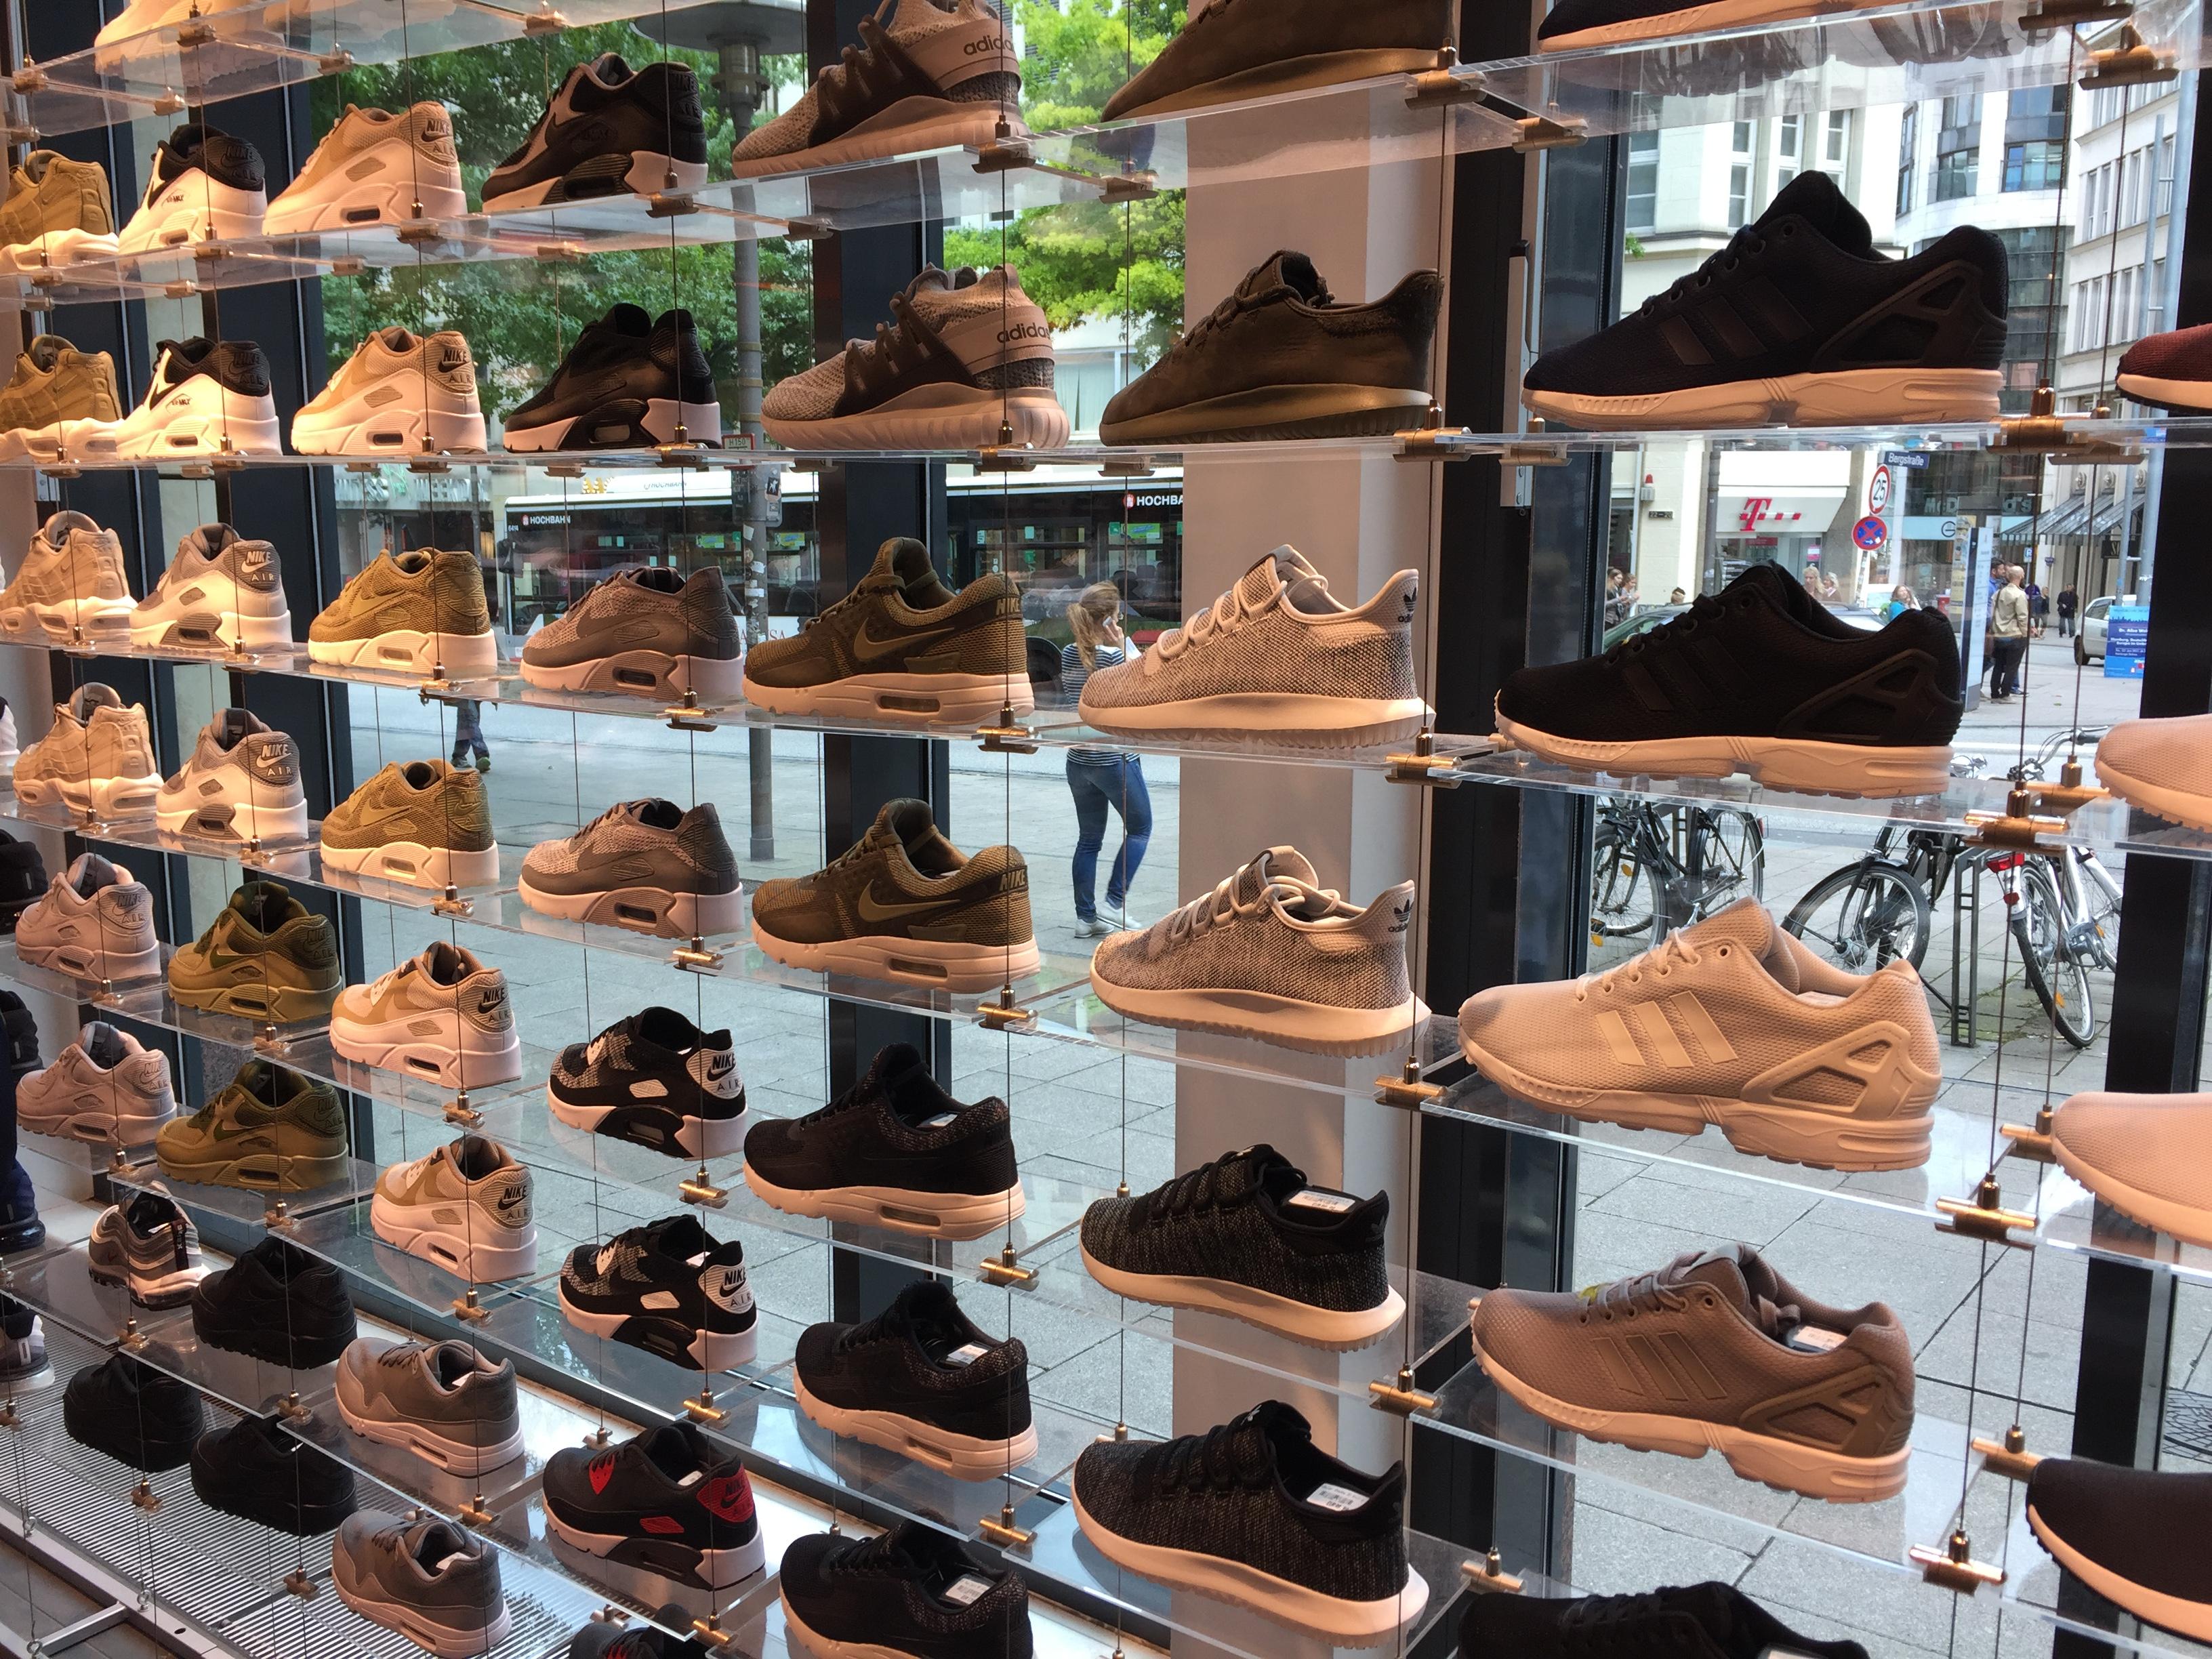 Gegen Eine Wand Aus Sneakern Laufen Bei Snipes Mit Vergnügen Hamburg